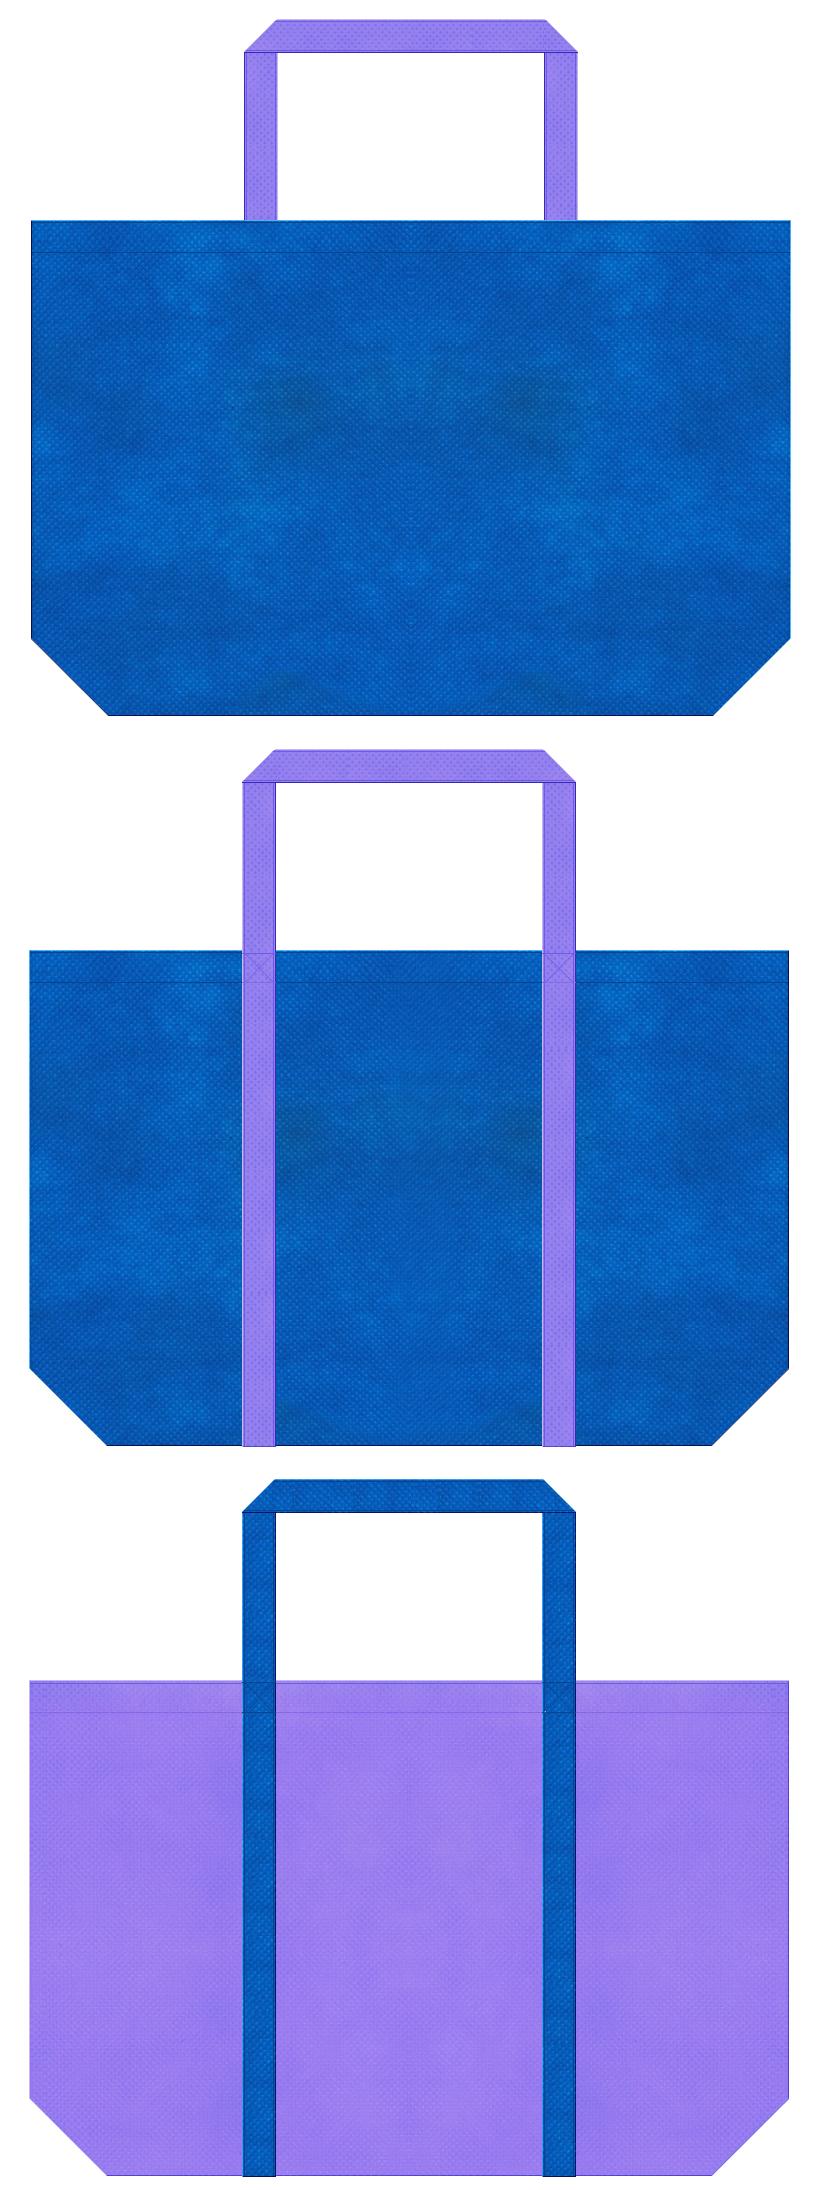 不織布トートバッグ 舟底タイプ 不織布カラーNo.22スカイブルーとNo.32ミディアムパープルの組み合わせ